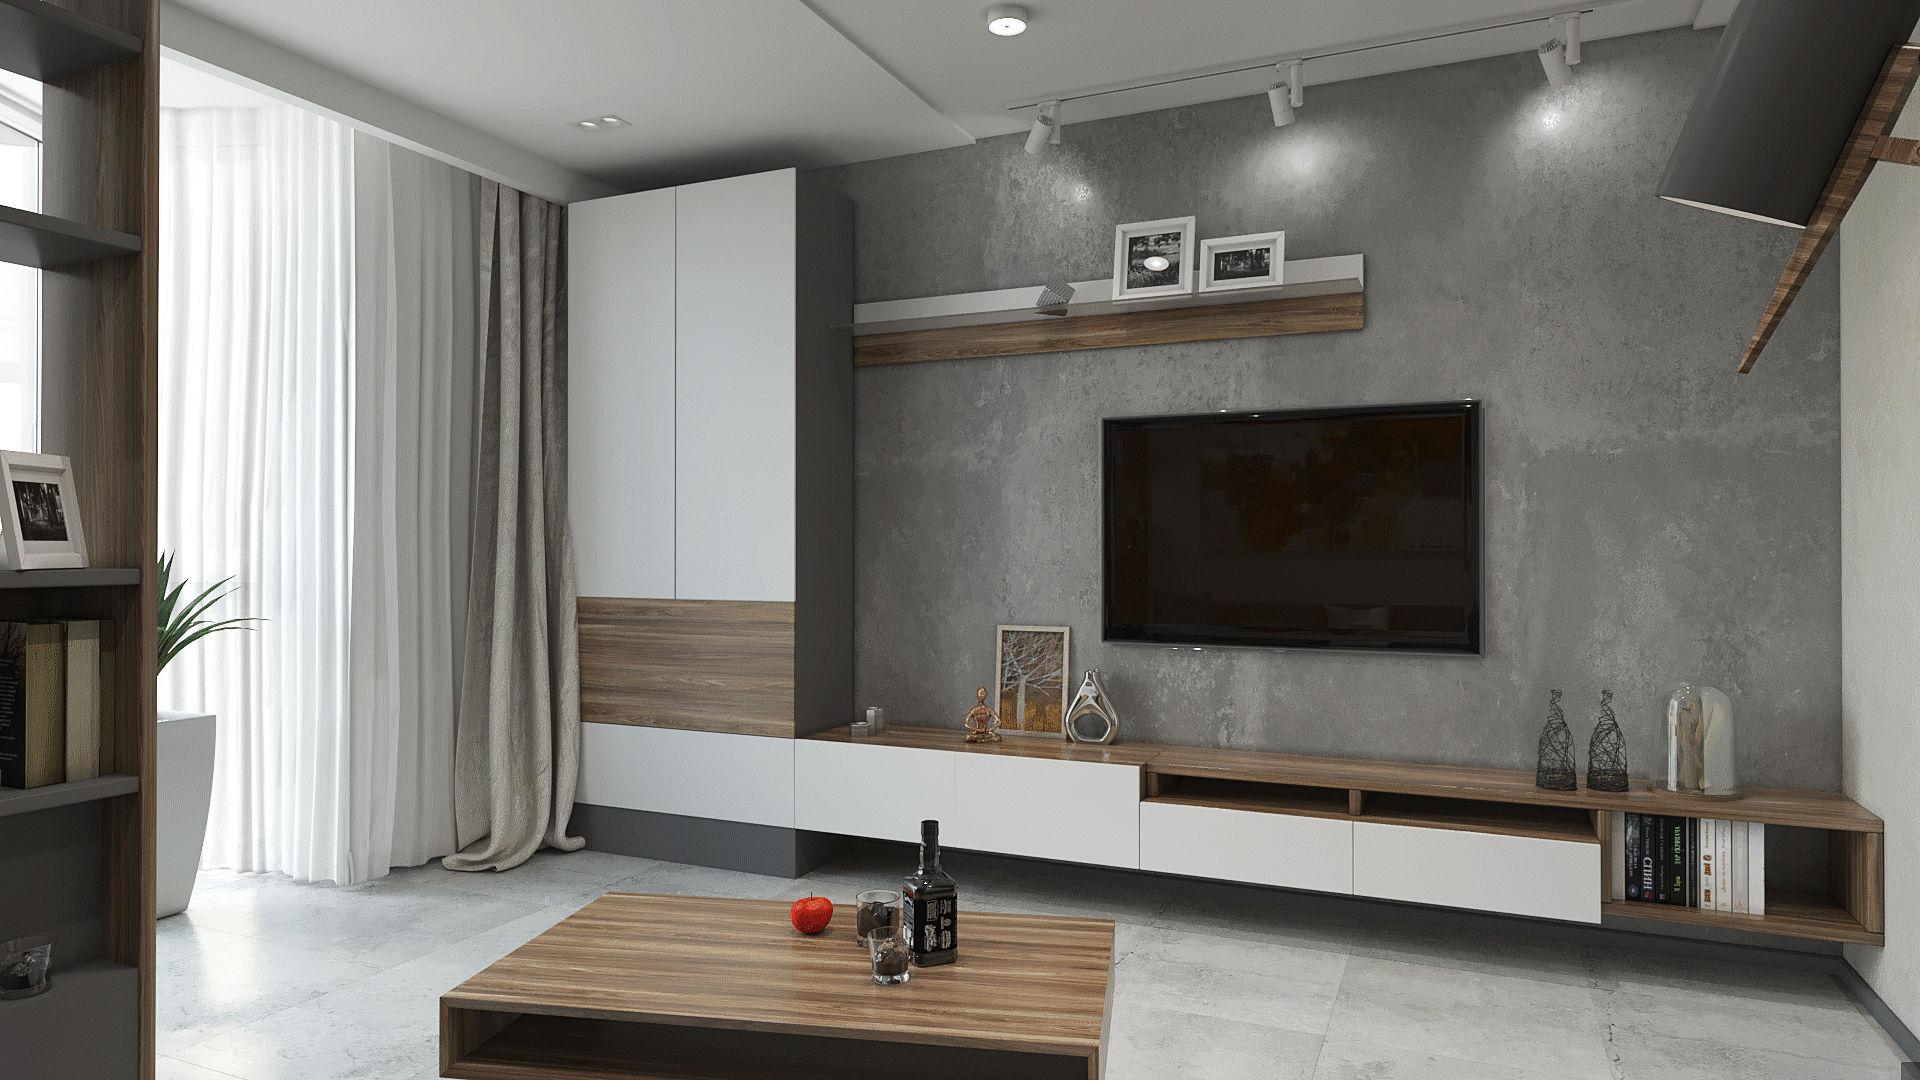 Дизайн гостинной лофт в Киеве. ЖК Рыбальский. Стены из бетона. Loft